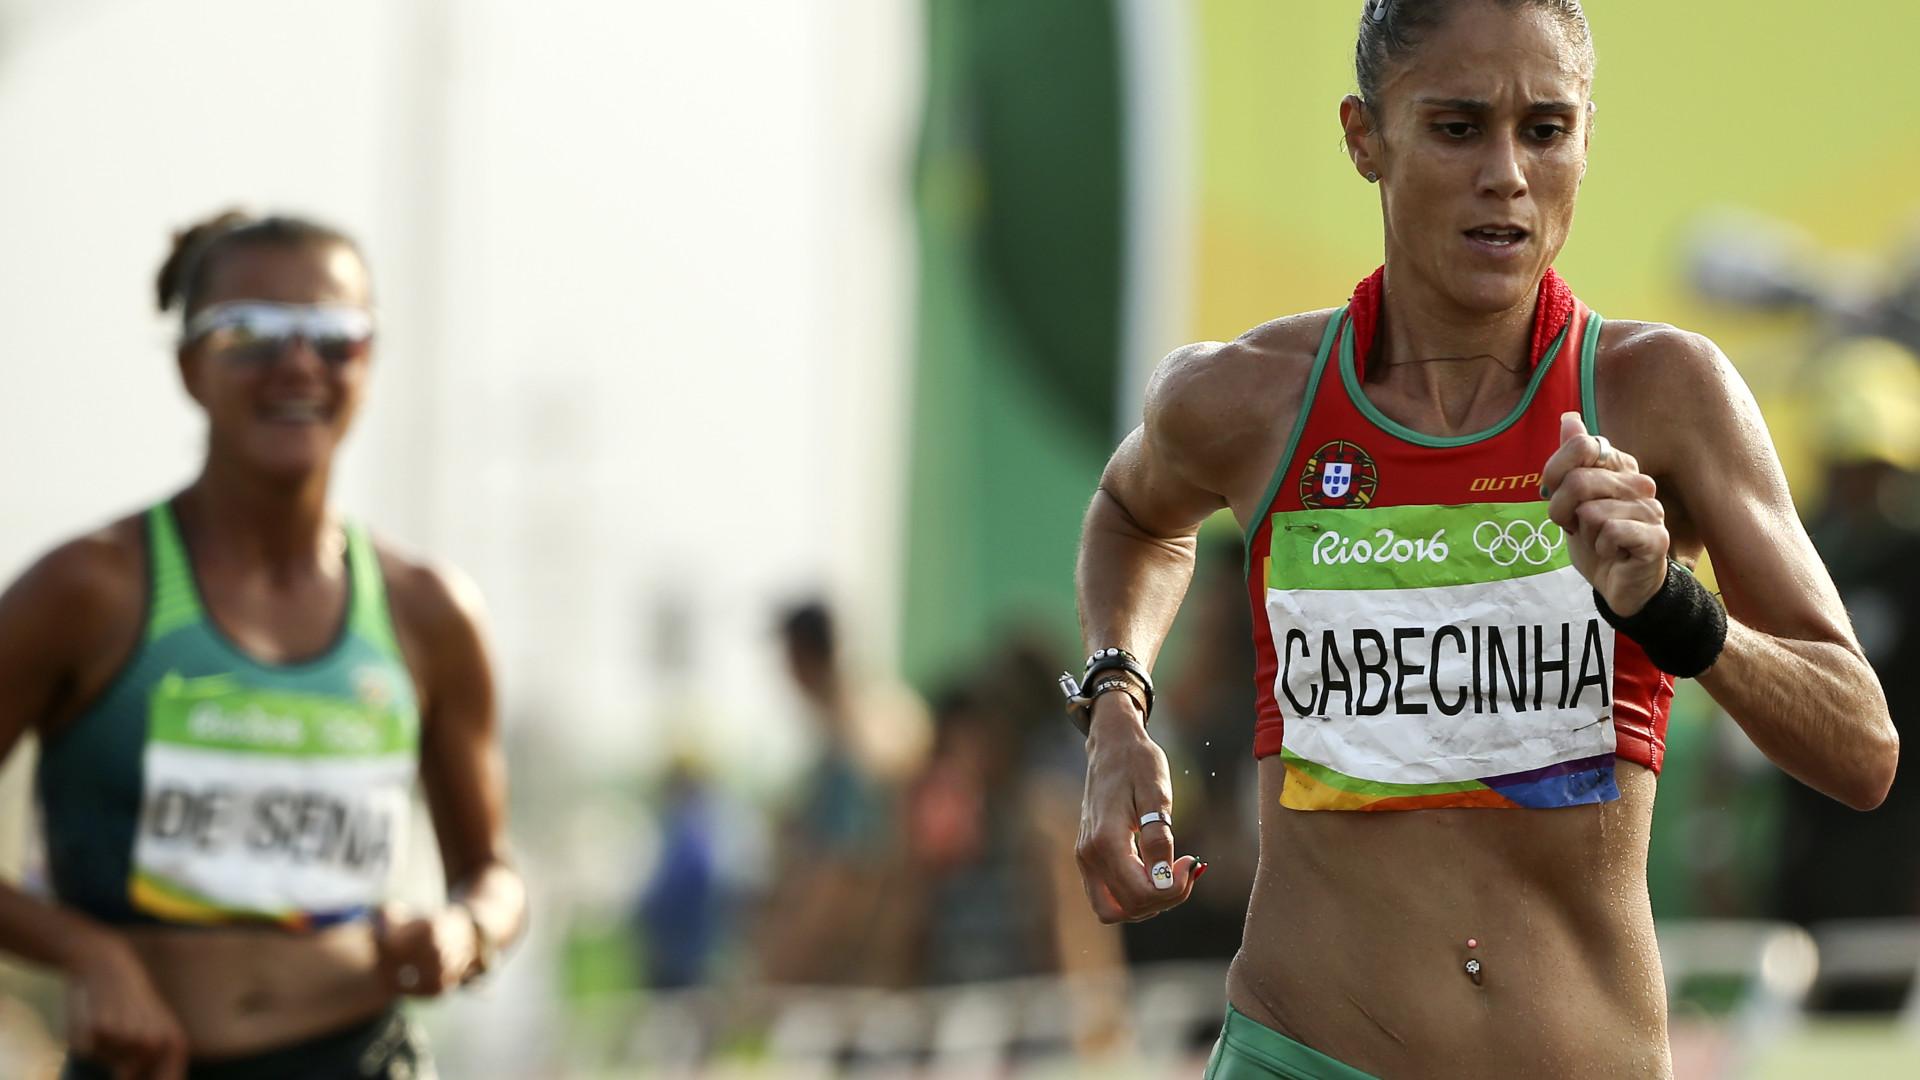 Ana Cabecinha oitava nos 20 kms marcha dos Europeus